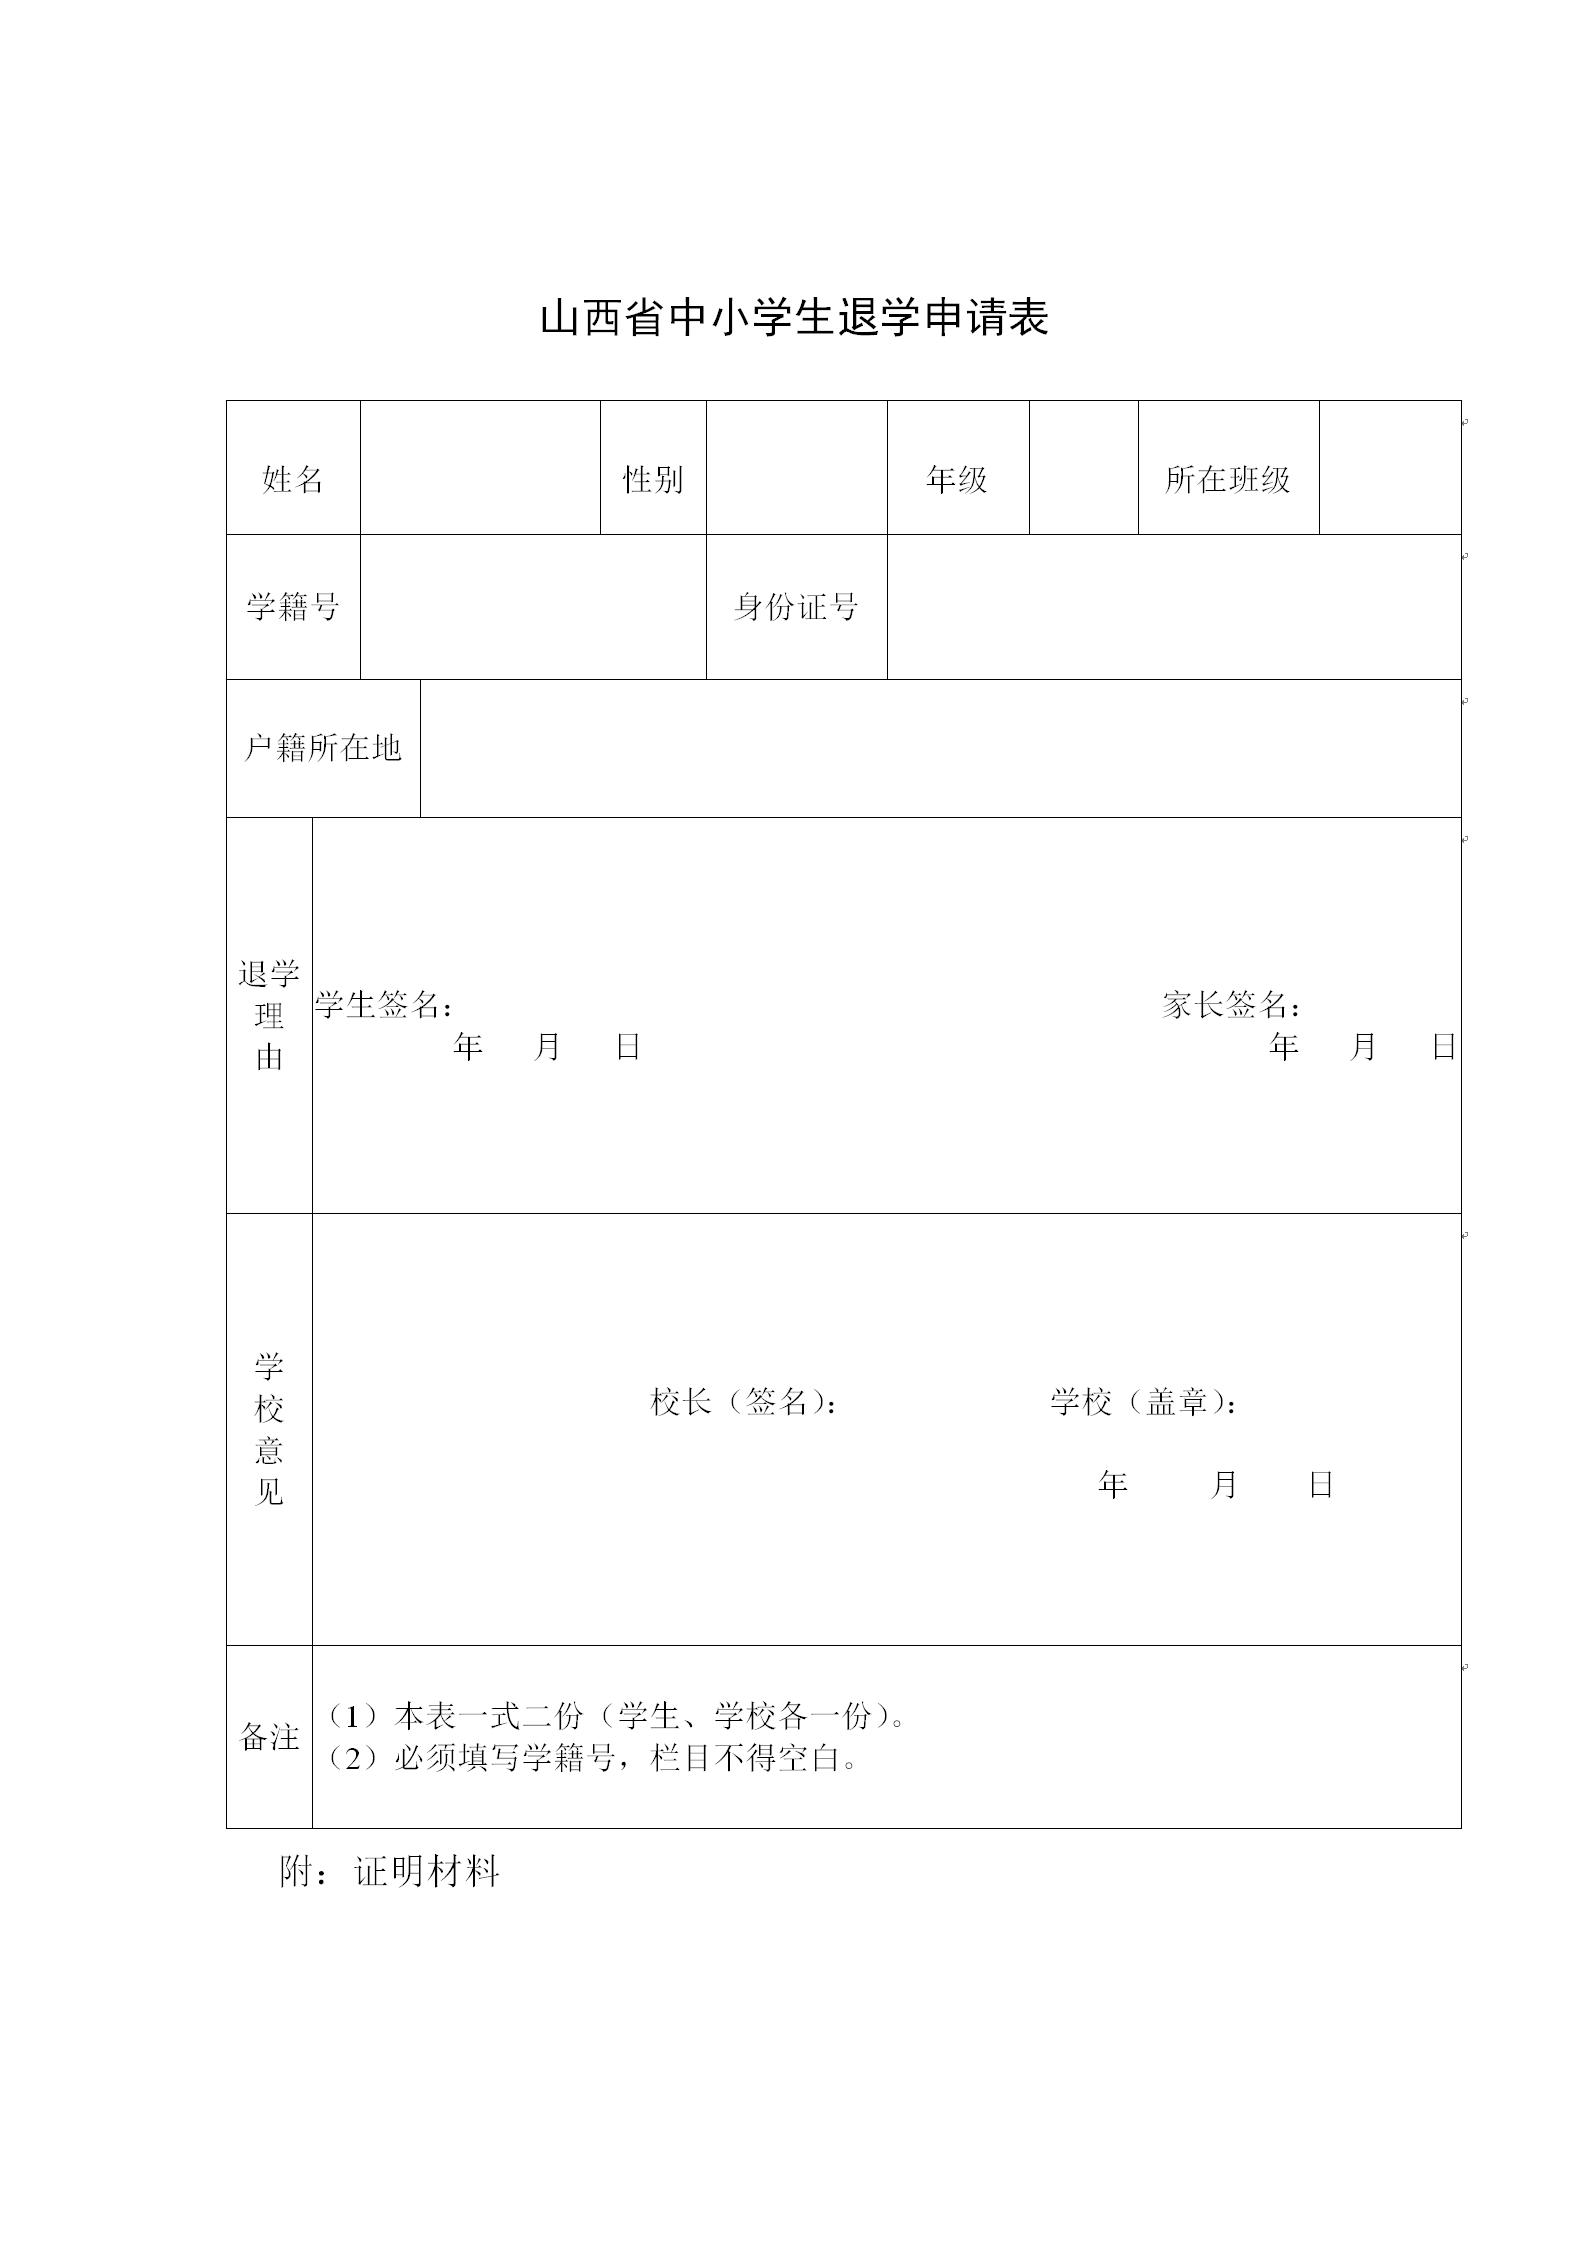 附件3山西省中小学生退学申请表_01.png